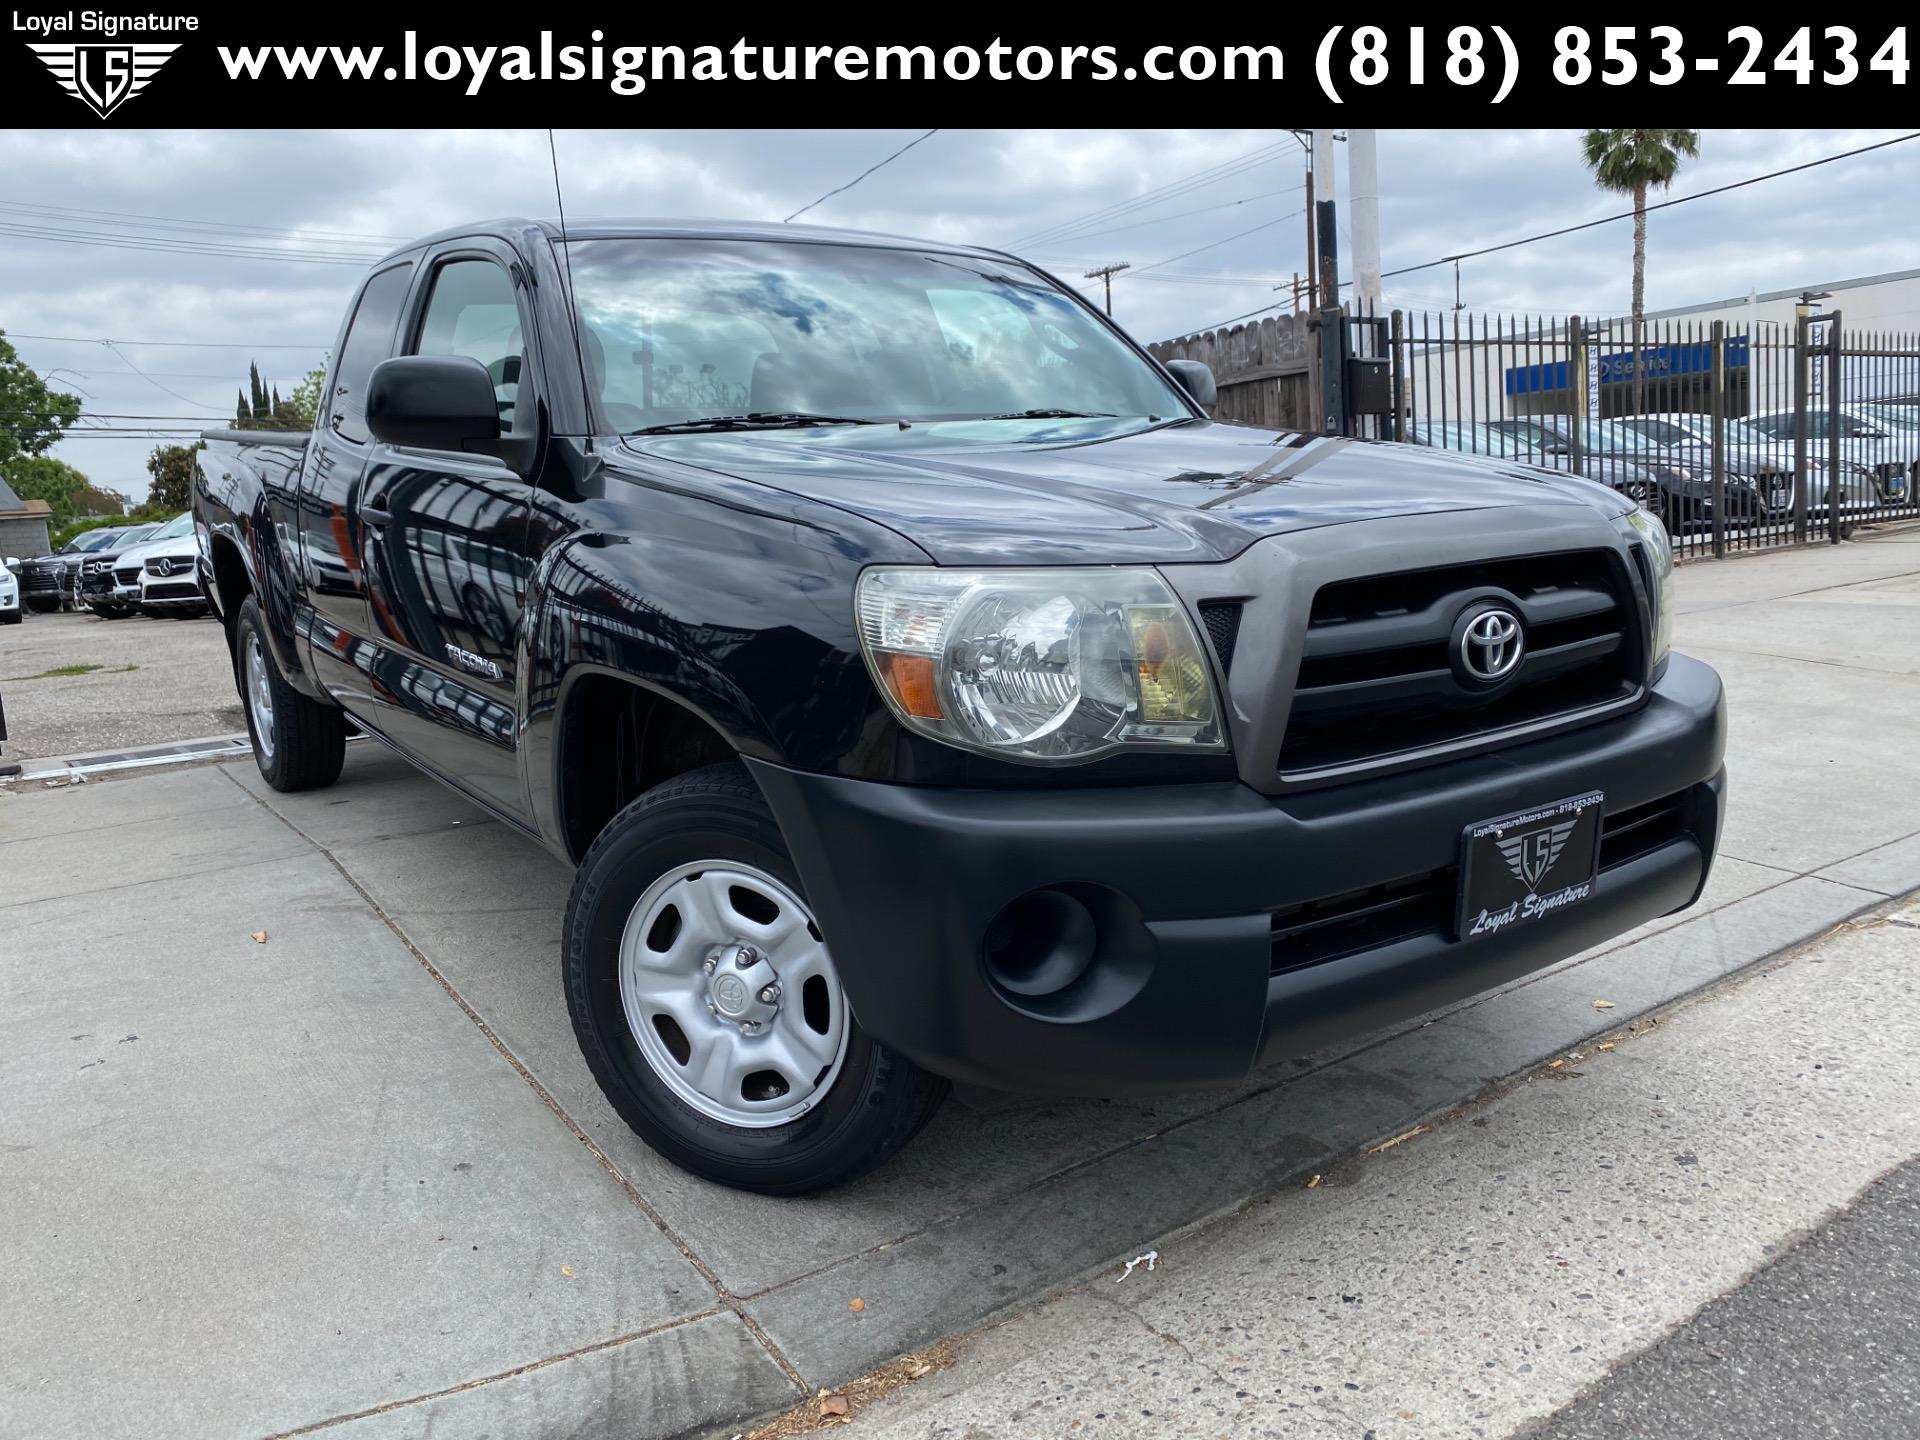 Used 2008 Toyota Tacoma  | Van Nuys, CA